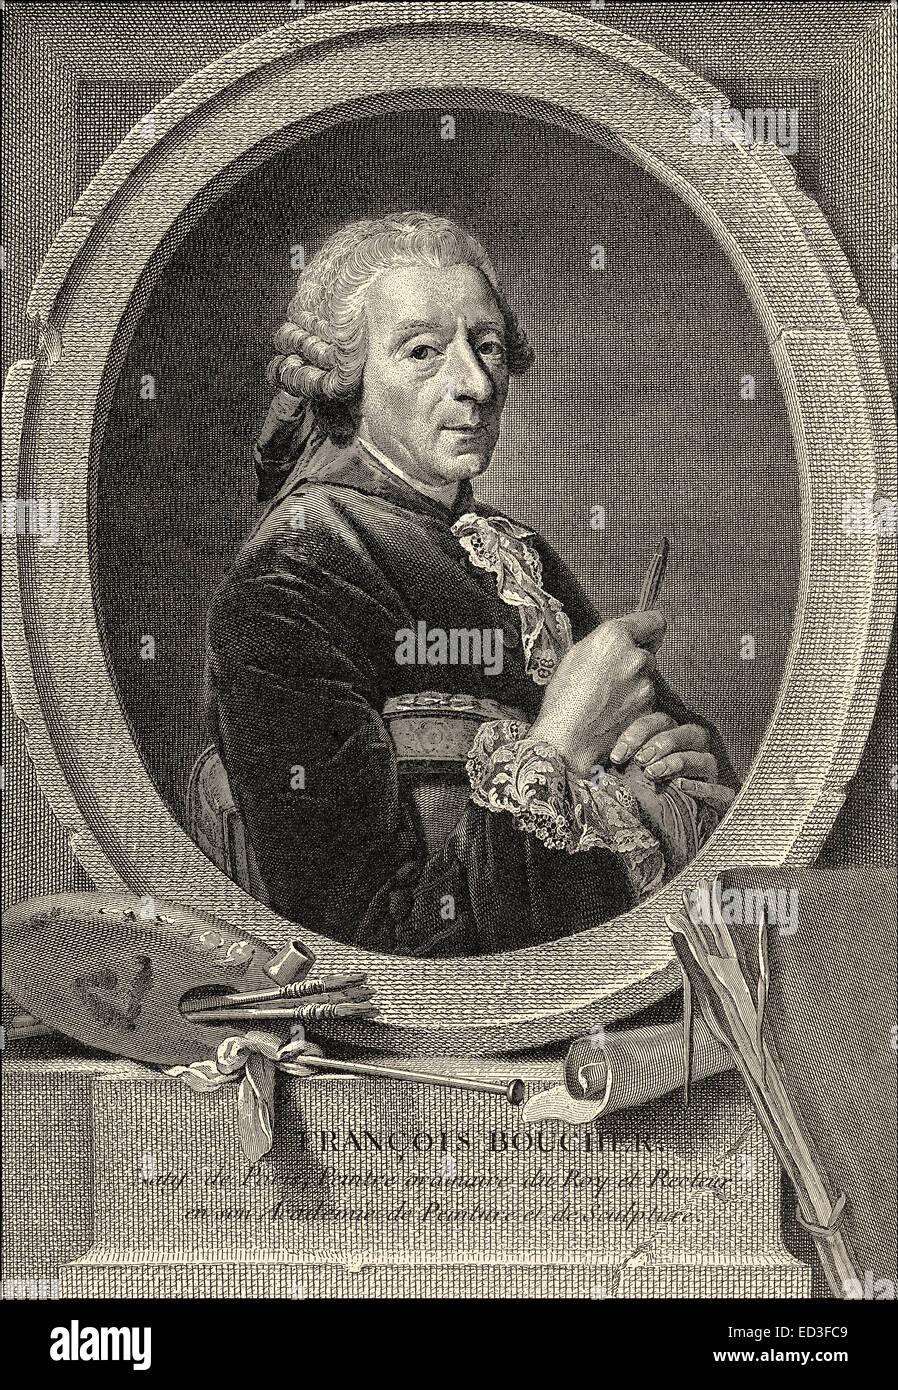 François Boucher, 1703-1770, einem französischen Maler im Rokoko-Stil, der erste Maler des Königs Stockbild